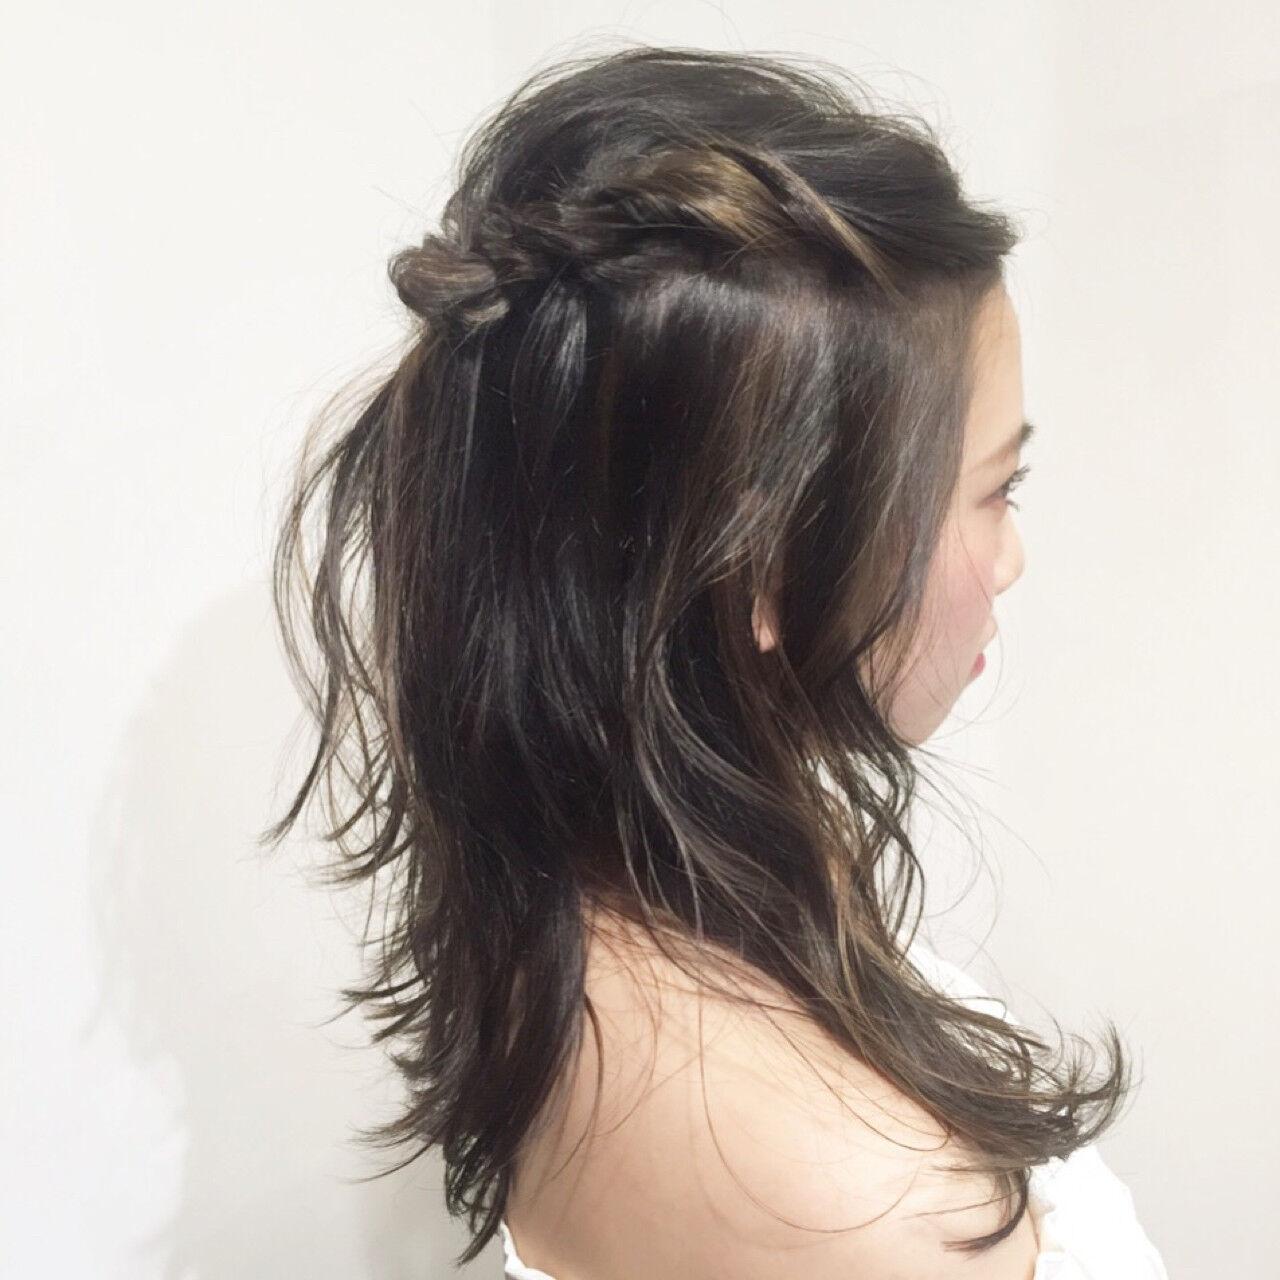 ミディアム 簡単ヘアアレンジ ハイライト ショートヘアスタイルや髪型の写真・画像